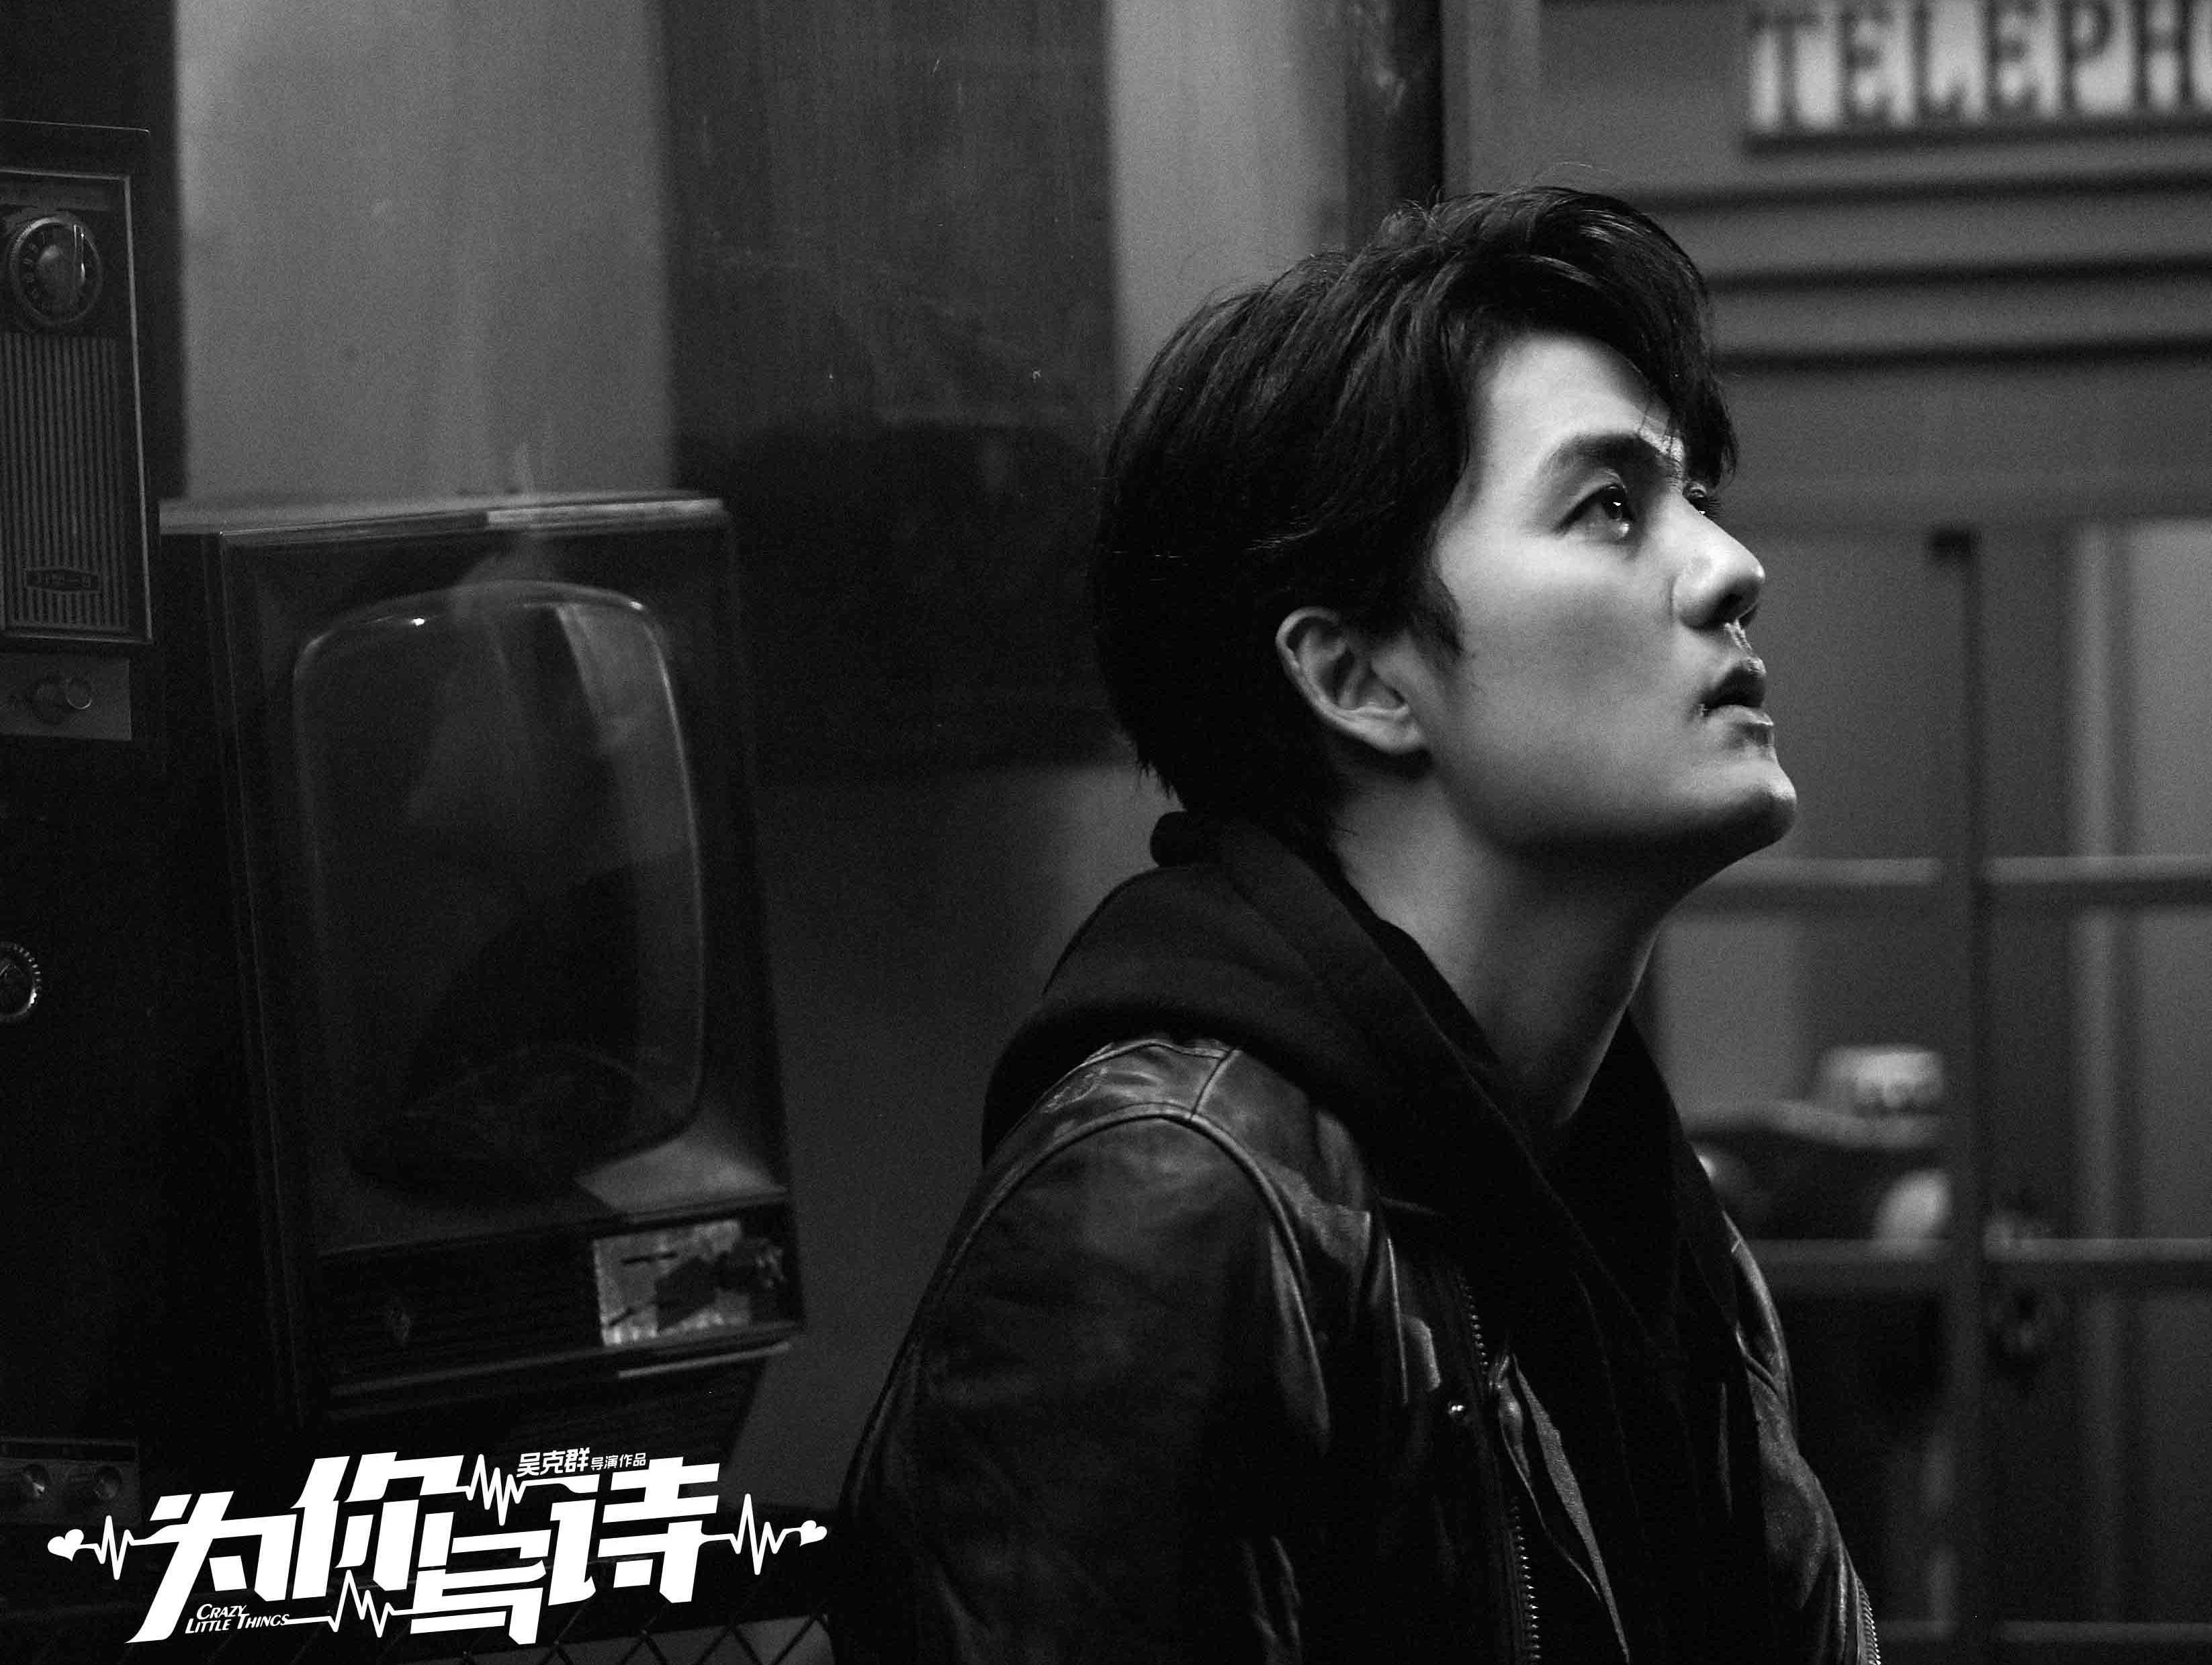 吴克群演唱主题曲《你敢不敢再傻一次》发布MV